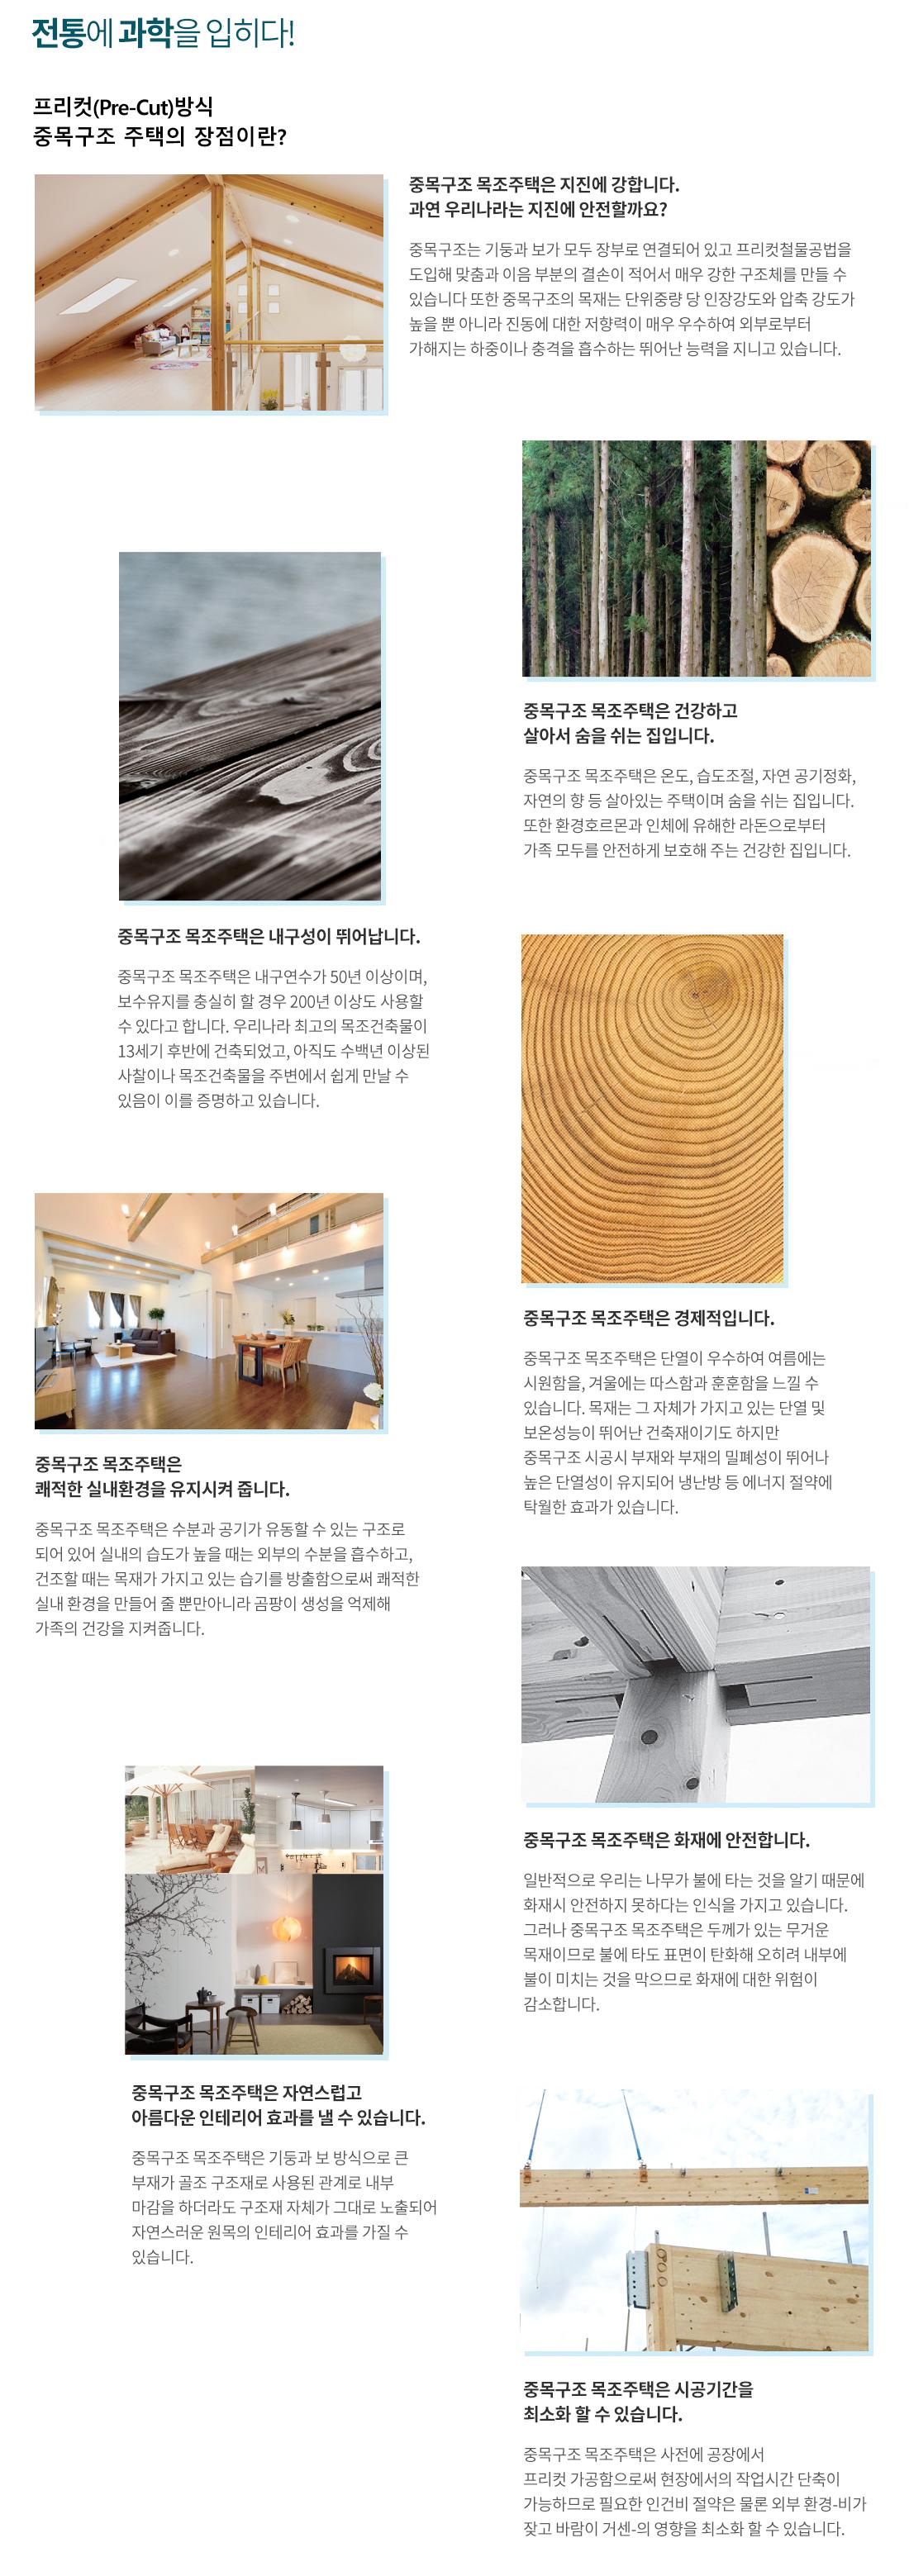 중목구조의장점_1.jpg